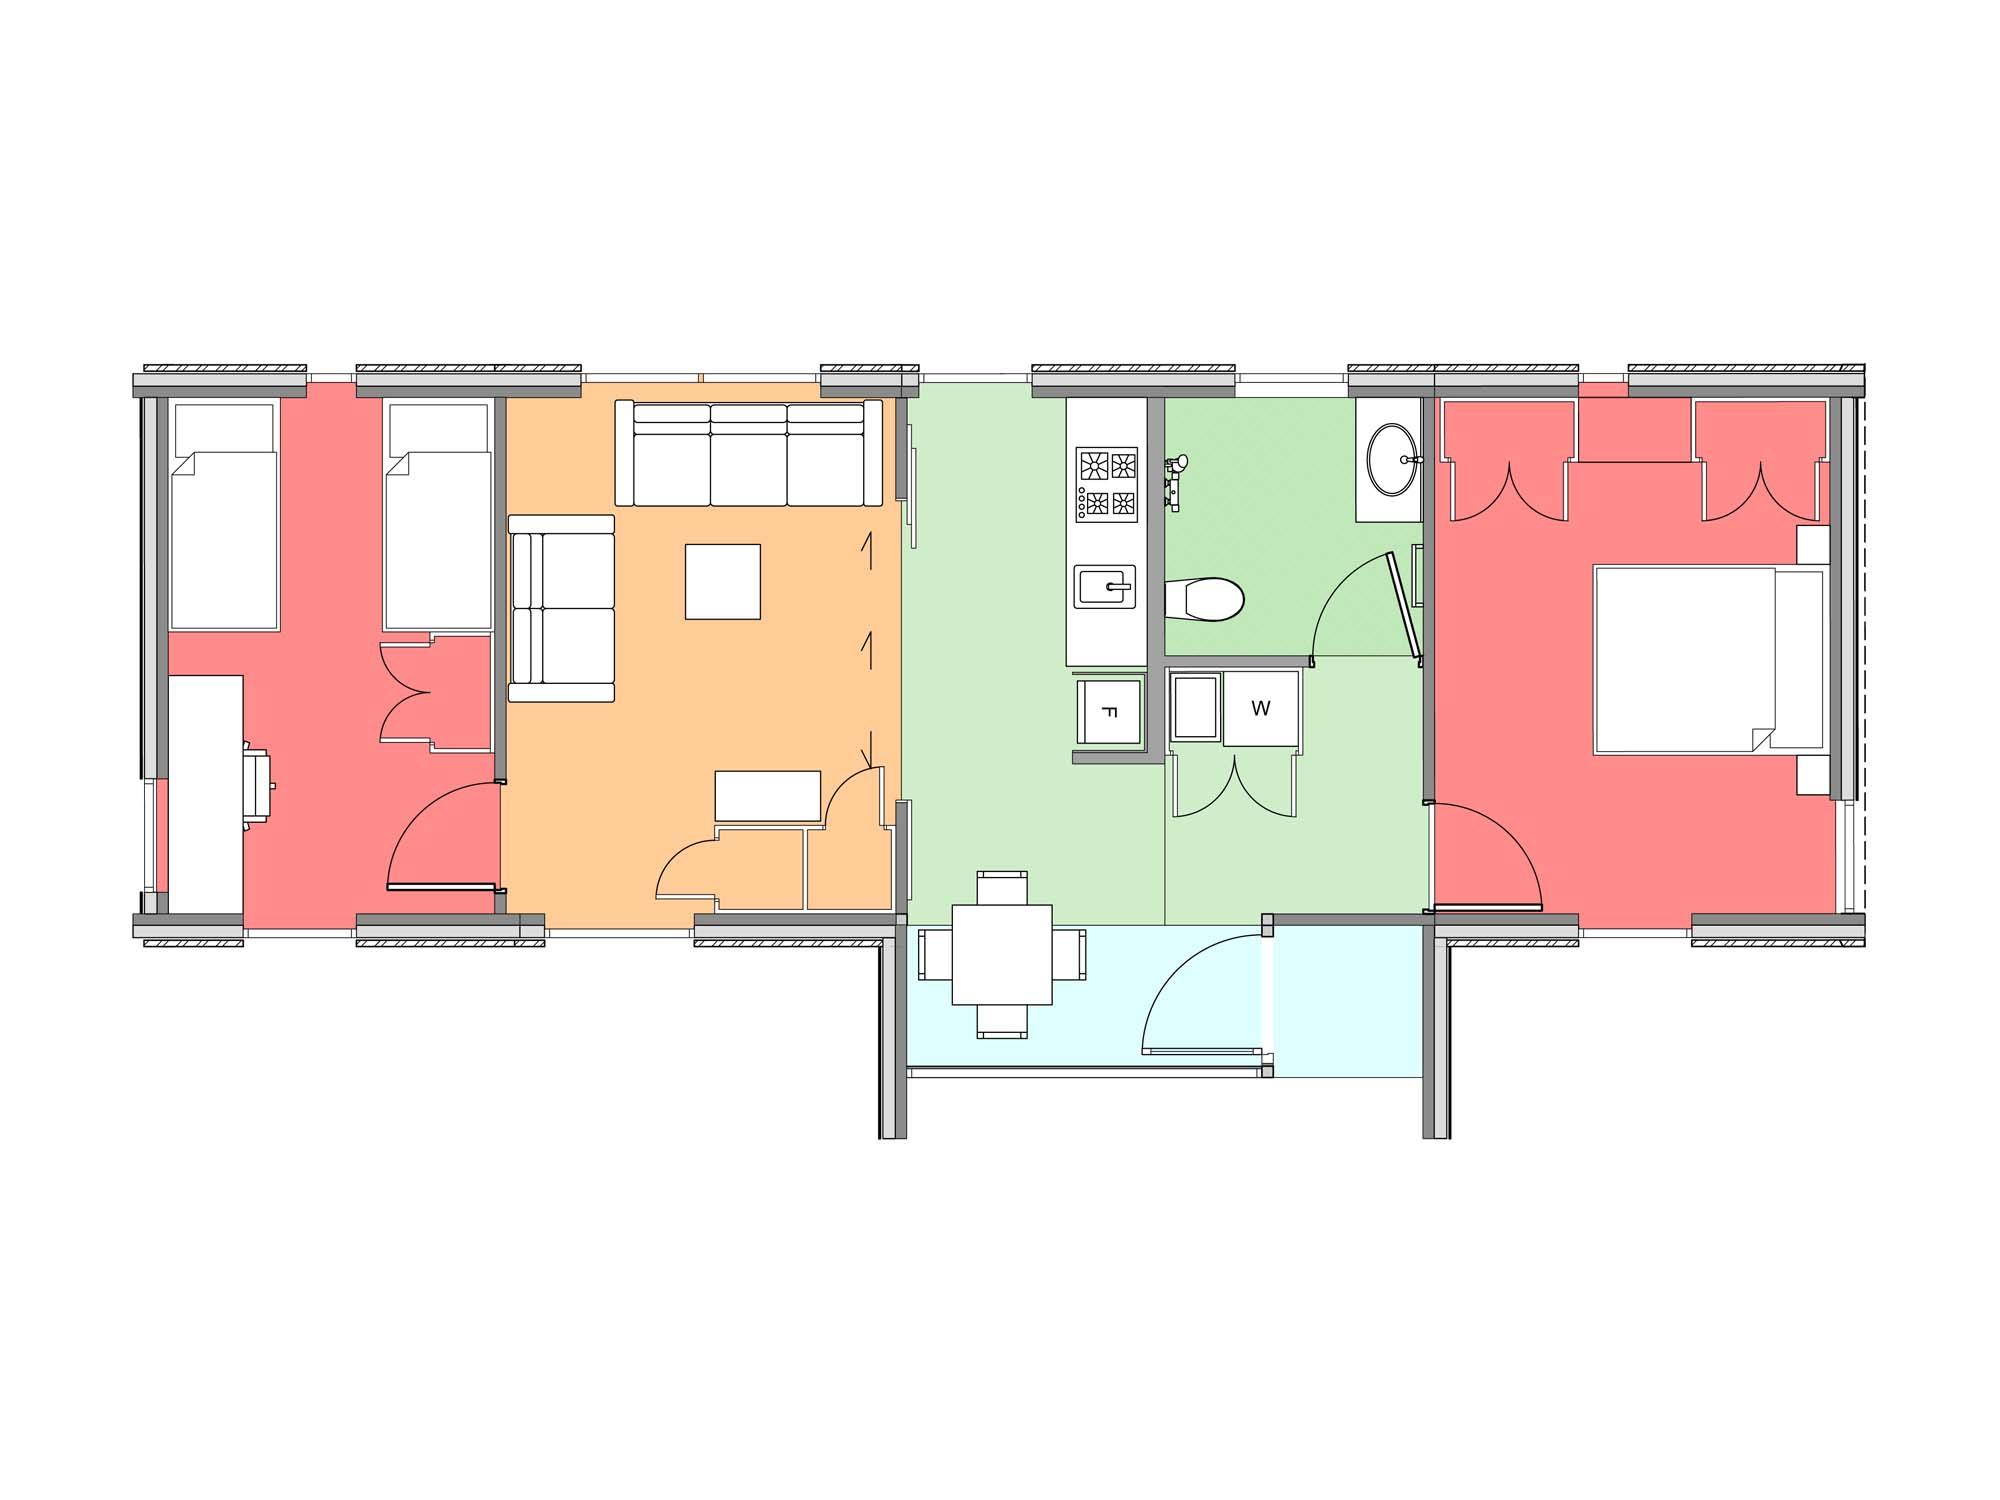 Plan of Te Whare-iti TWI 27